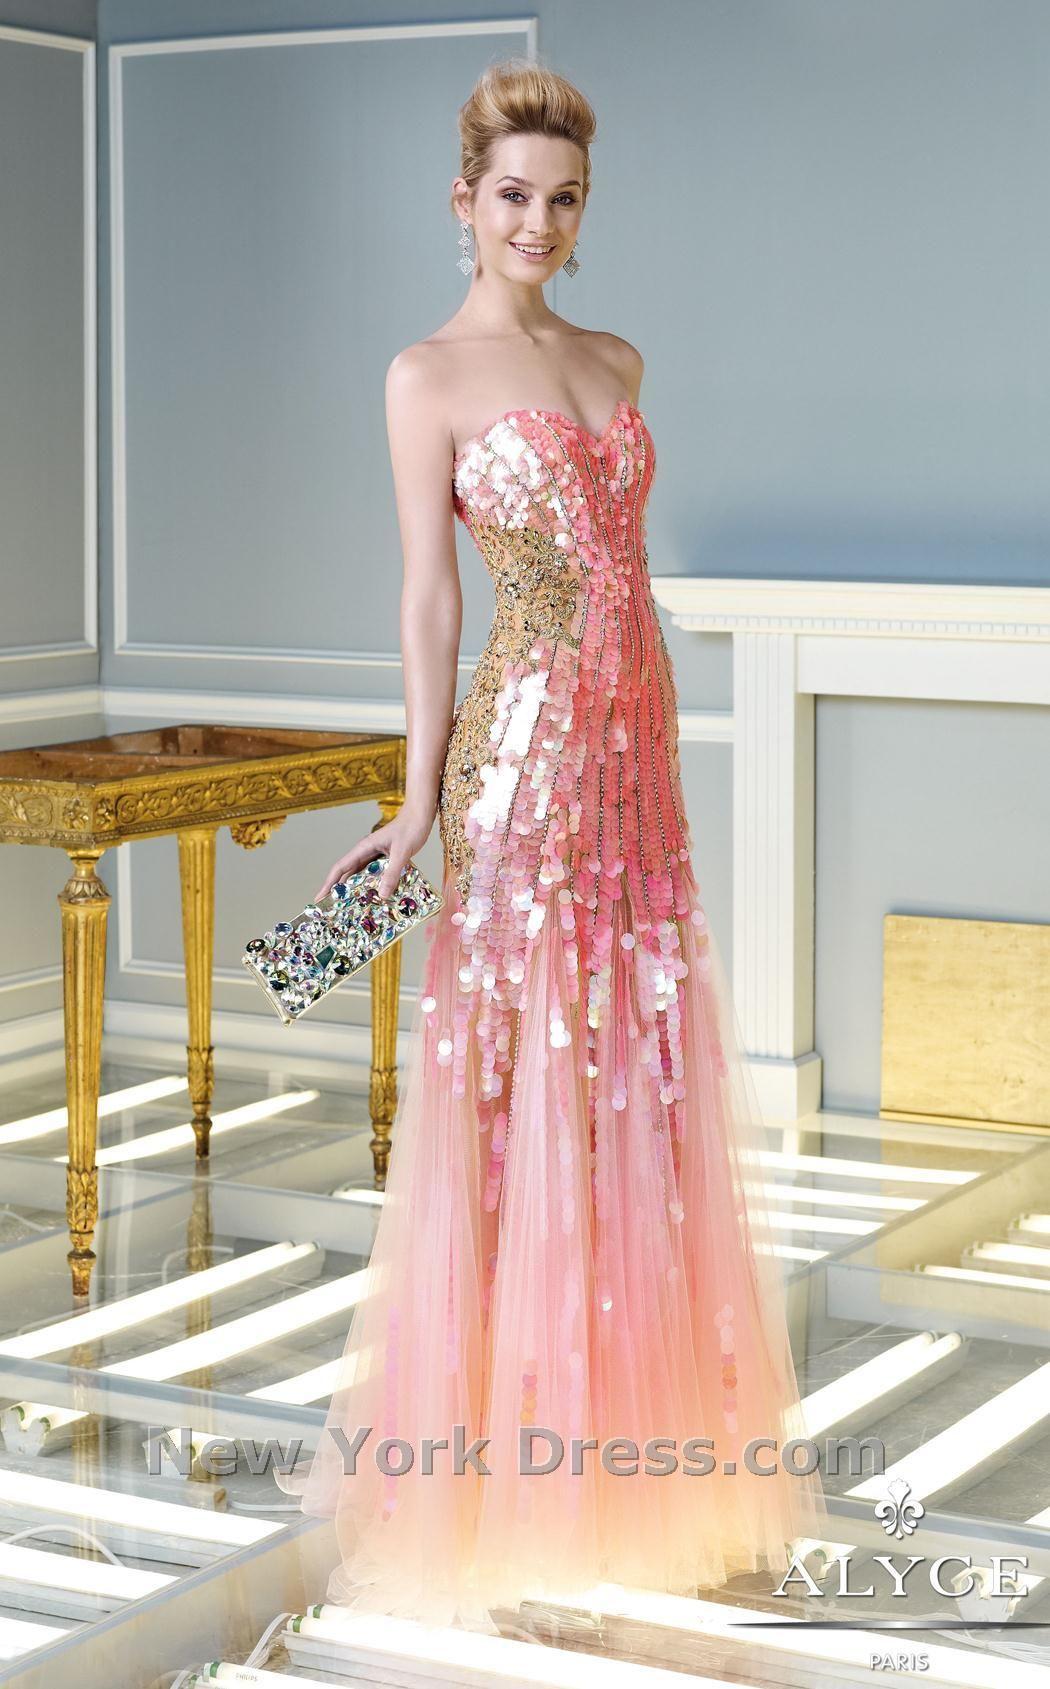 Magnífico Vestidos De Fiesta York Regalo - Colección de Vestidos de ...